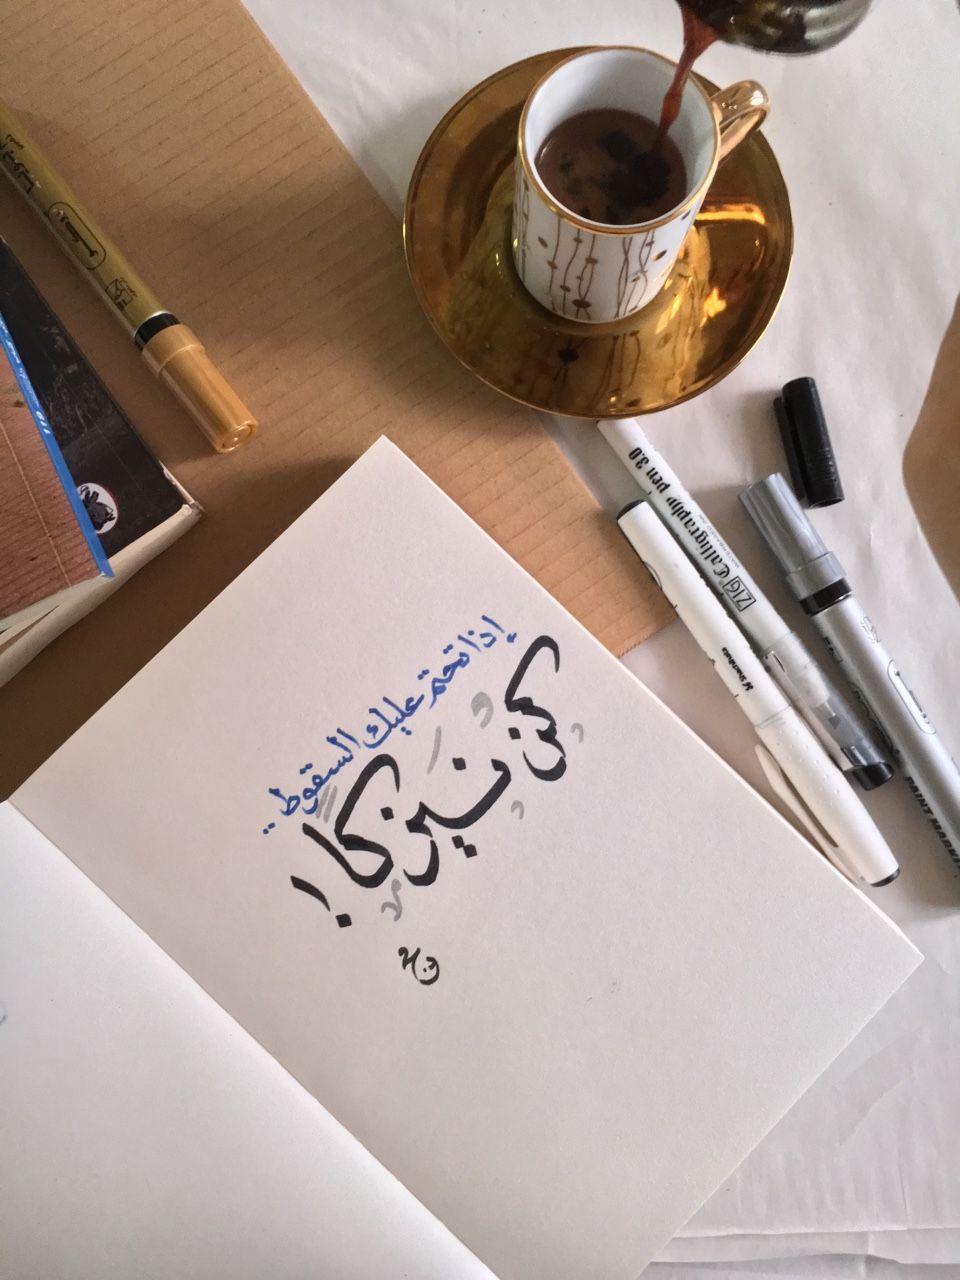 كن نيزكا Words Quotes Arabic Tattoo Quotes Funny Arabic Quotes